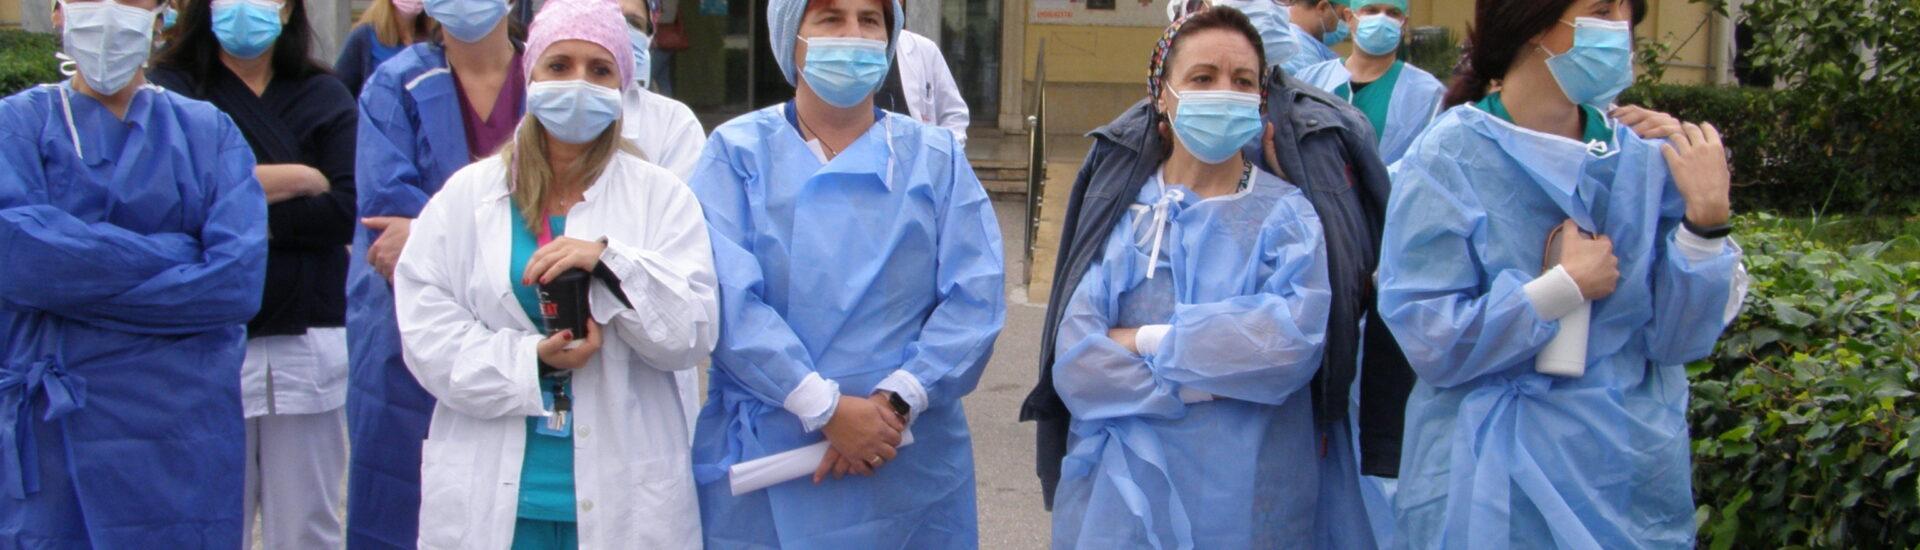 Υπό λειτουργική κατάρρευση το νοσοκομείο της Νίκαιας